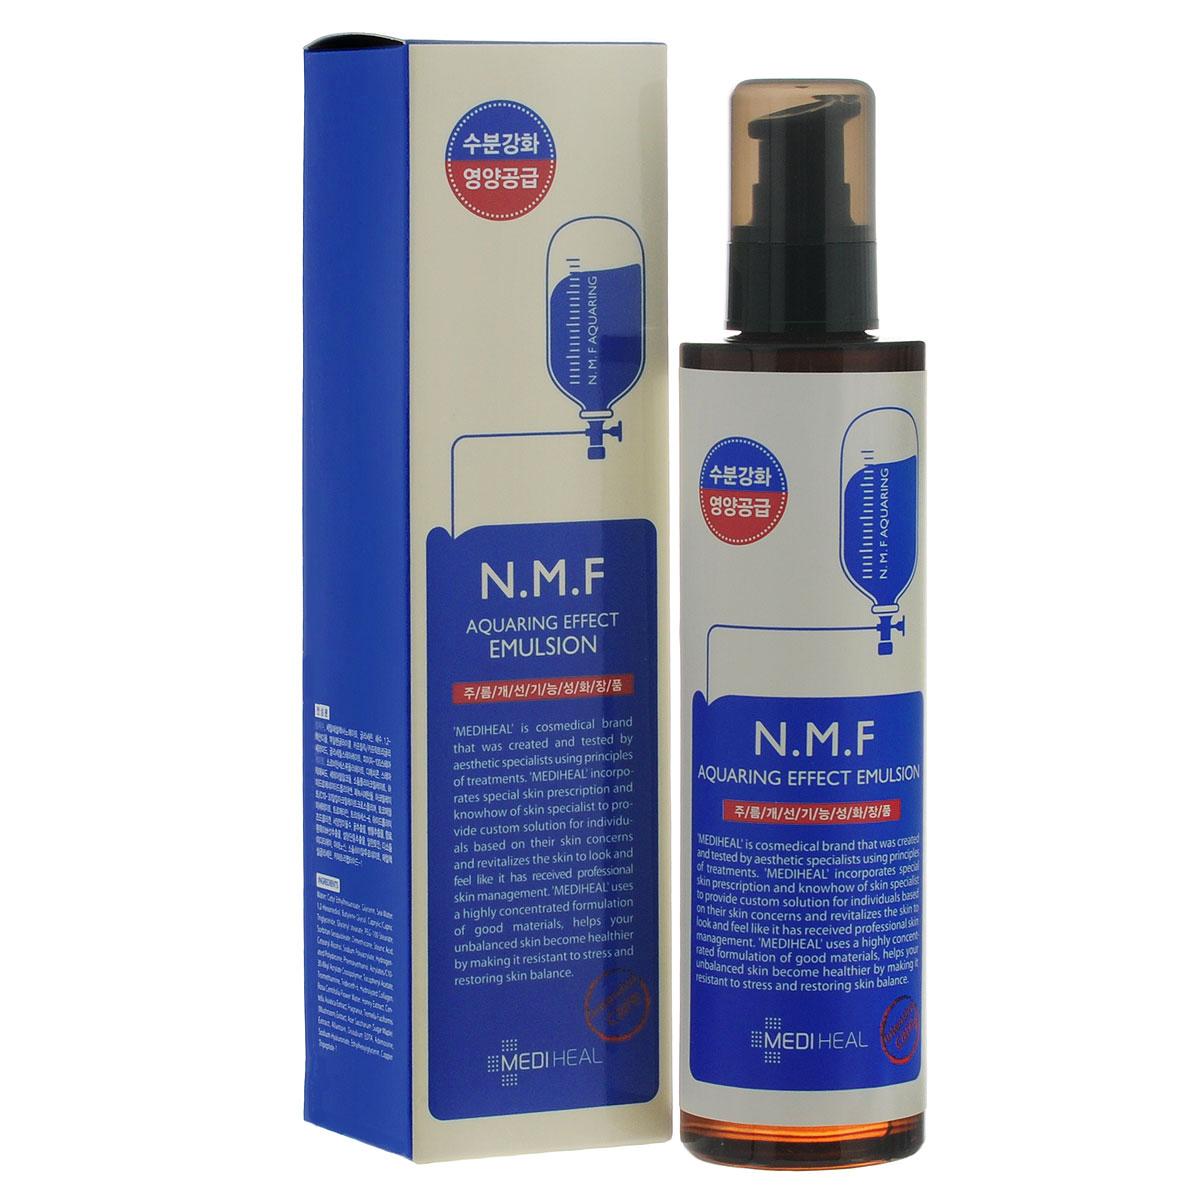 Beauty Clinic Эмульсия для лица Aquaring Effect, с N.M.F., увлажняющая, 145 мл555845Эмульсия содержит N.M.F. и другие активные увлажняющие и подтягивающие компоненты, такие как глубинная морская вода, гиалуроновая кислота, экстракты древесного гриба, сахарного клена, меда, центеллы азиатской. Интенсивно увлажняет, подтягивает и питает кожу, придает ей свежий вид. Способствует разглаживанию морщин.NMF (натуральный увлажняющий фактор) - это сложный комплекс молекул в роговом слое кожи, который способен притягивать и удерживать влагу, обеспечивать упругость и плотность рогового слоя кожи. В состав NMF входят низкомолекулярные пептиды, карбамид, пирролидонкарбоновая кислота, аминокислоты и т. д. При недостаточности увлажняющего фактора происходит обезвоживание эпидермиса.Глубинная морская вода содержит большое количество питательных веществ и 70 видов минералов, которые активно увлажняют кожу, придают ей здоровый вид, делают цвет кожи более естественным, выравнивают тон кожи.Экстракт клена сахарного ускоряет процесс обновления клеток, устраняет омертвевшие клетки эпидермиса и делает кожу более гладкой и свежей. Товар сертифицирован.